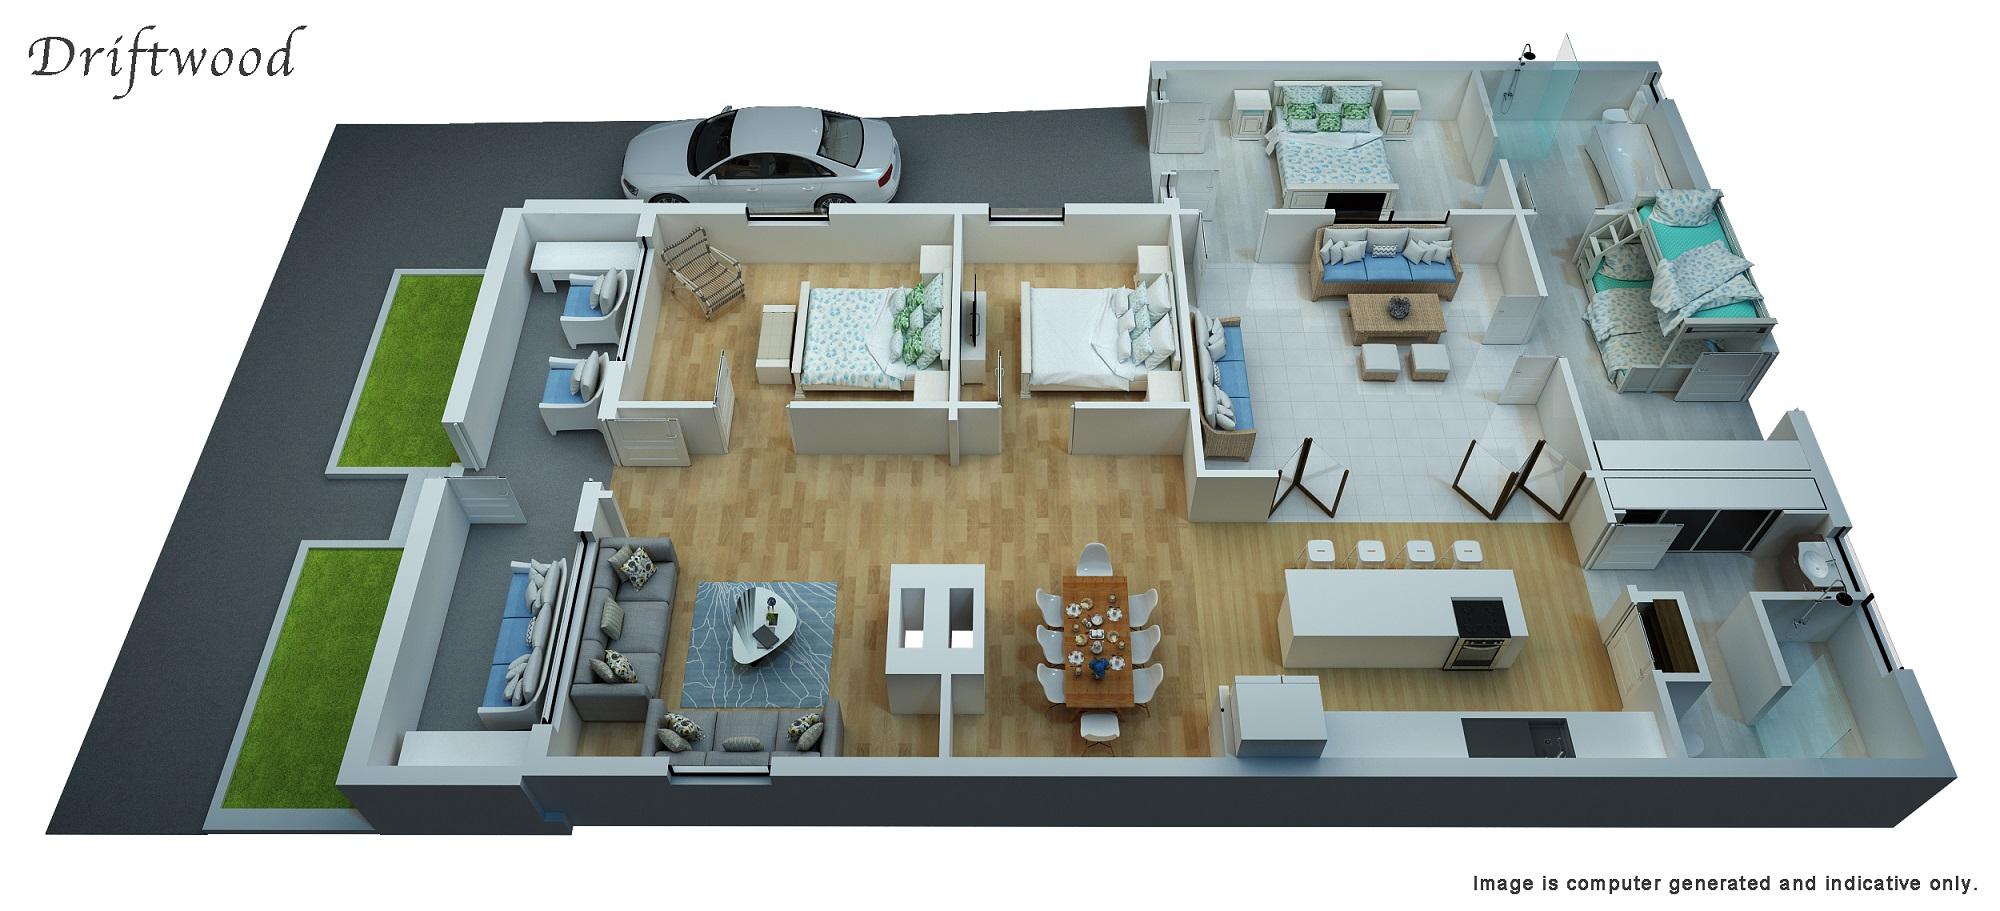 3D Floor Plan - 90%